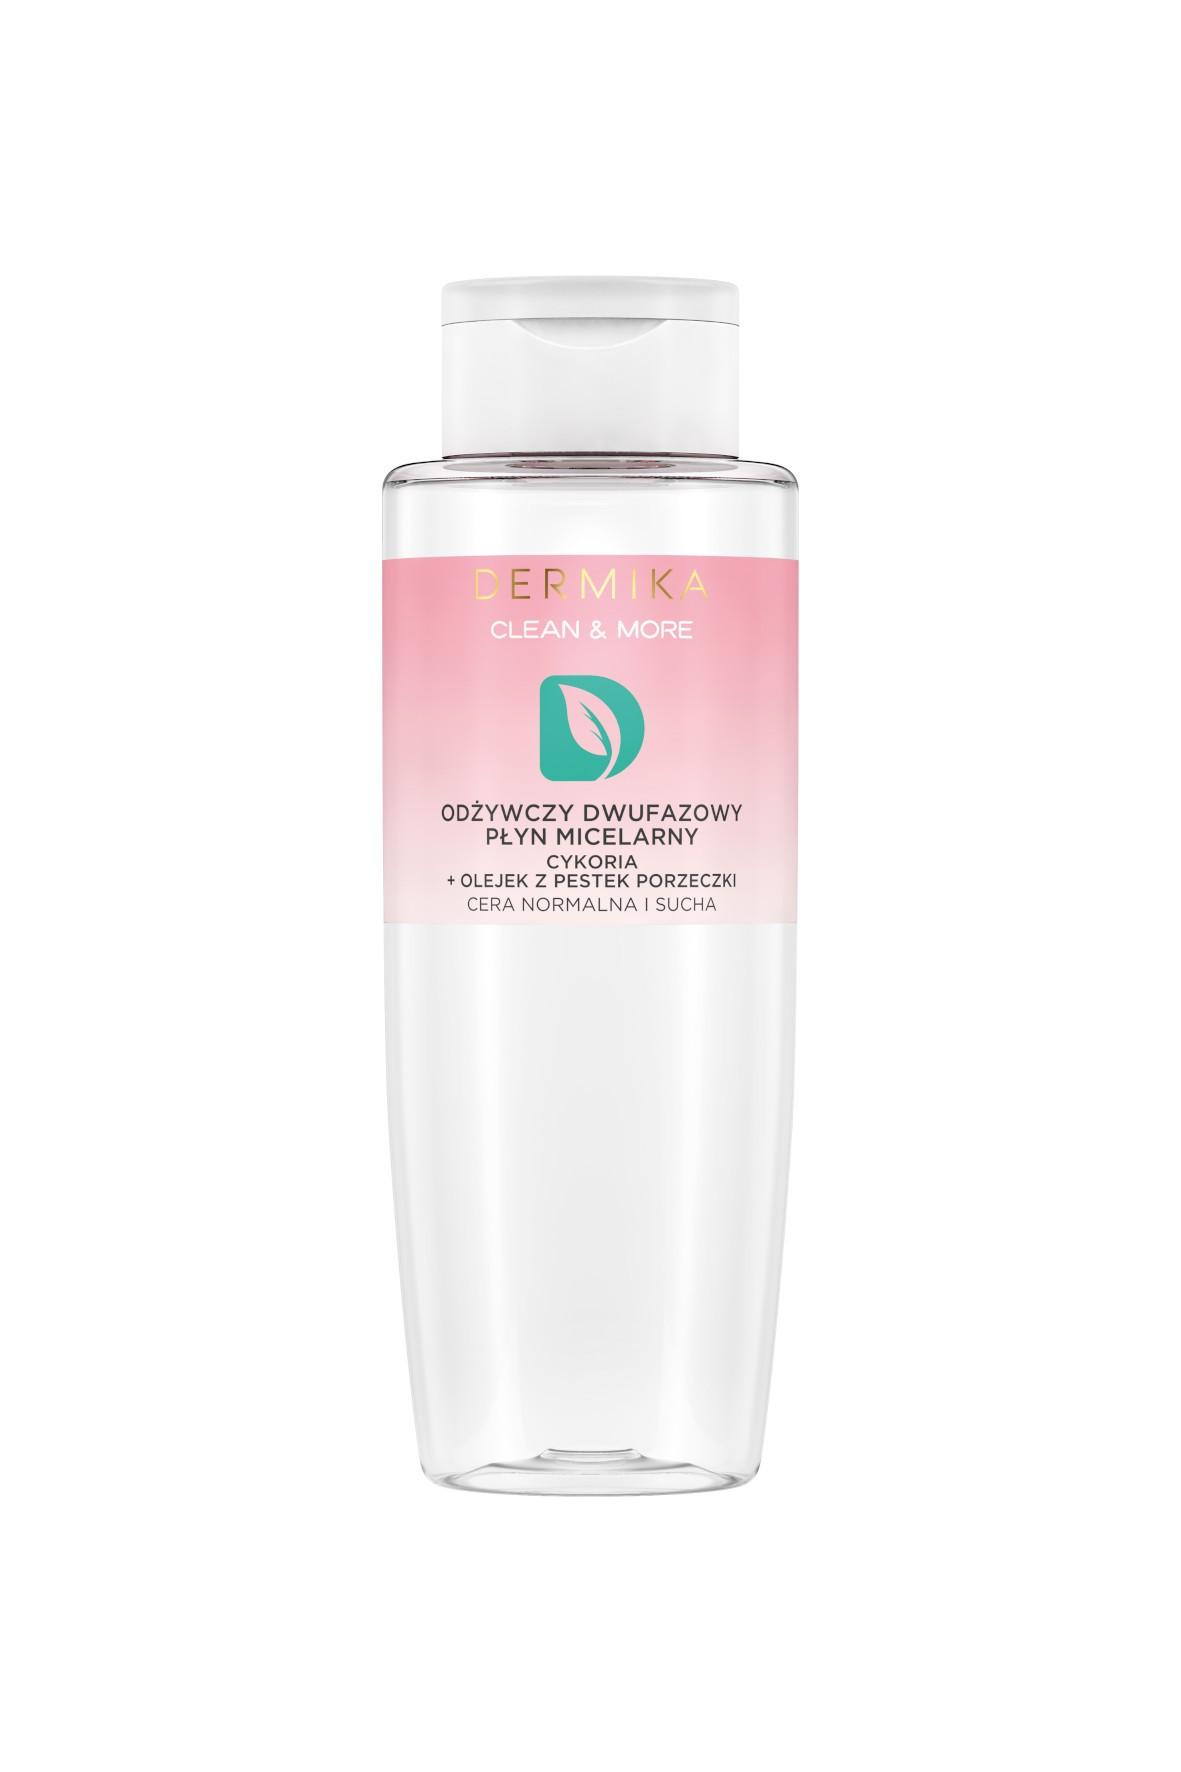 DERMIKA CLEAN&MORE Płyn micelarny dwufazowy - 400 ml